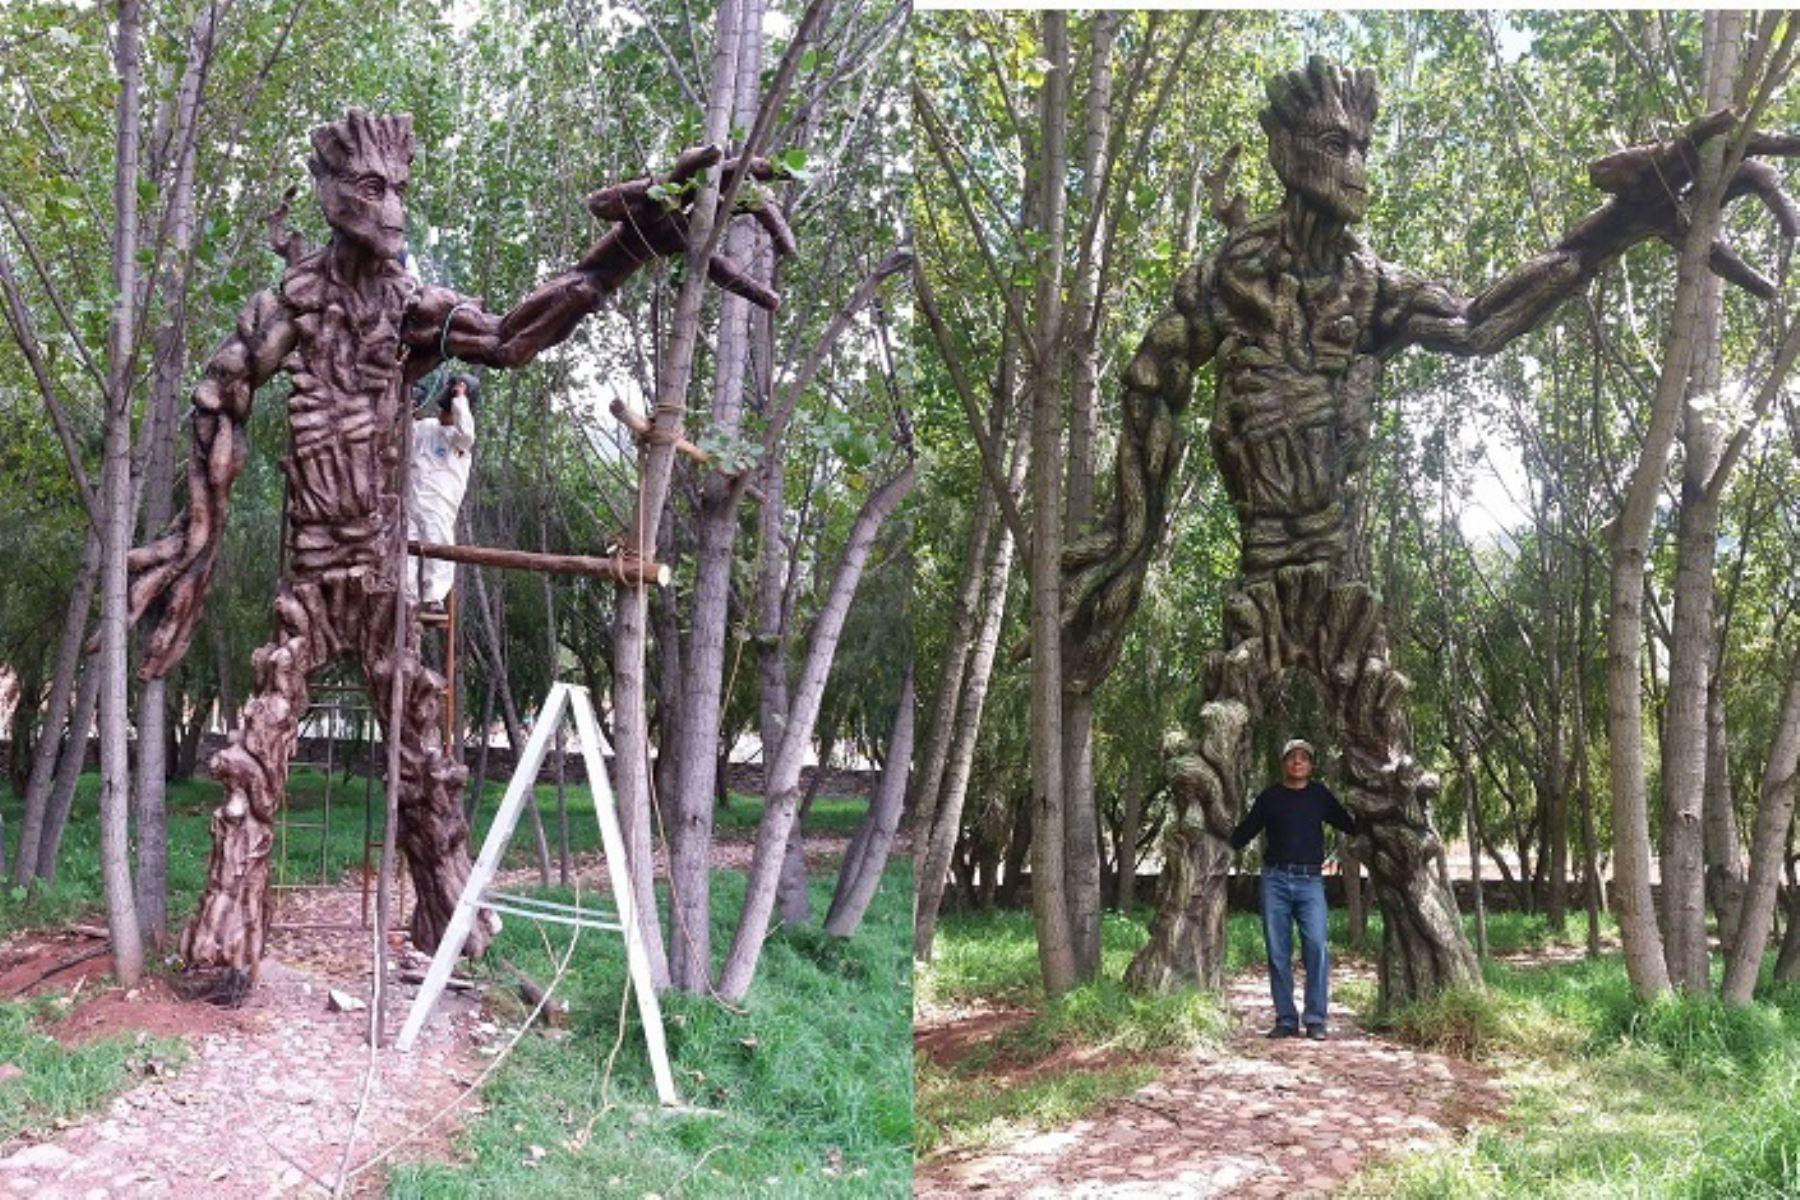 Escultura de Groots, personaje de Marvel, es sensación en humedal de Huasao, ubicado en Cusco. Foto: Cortesía/Juan Challco